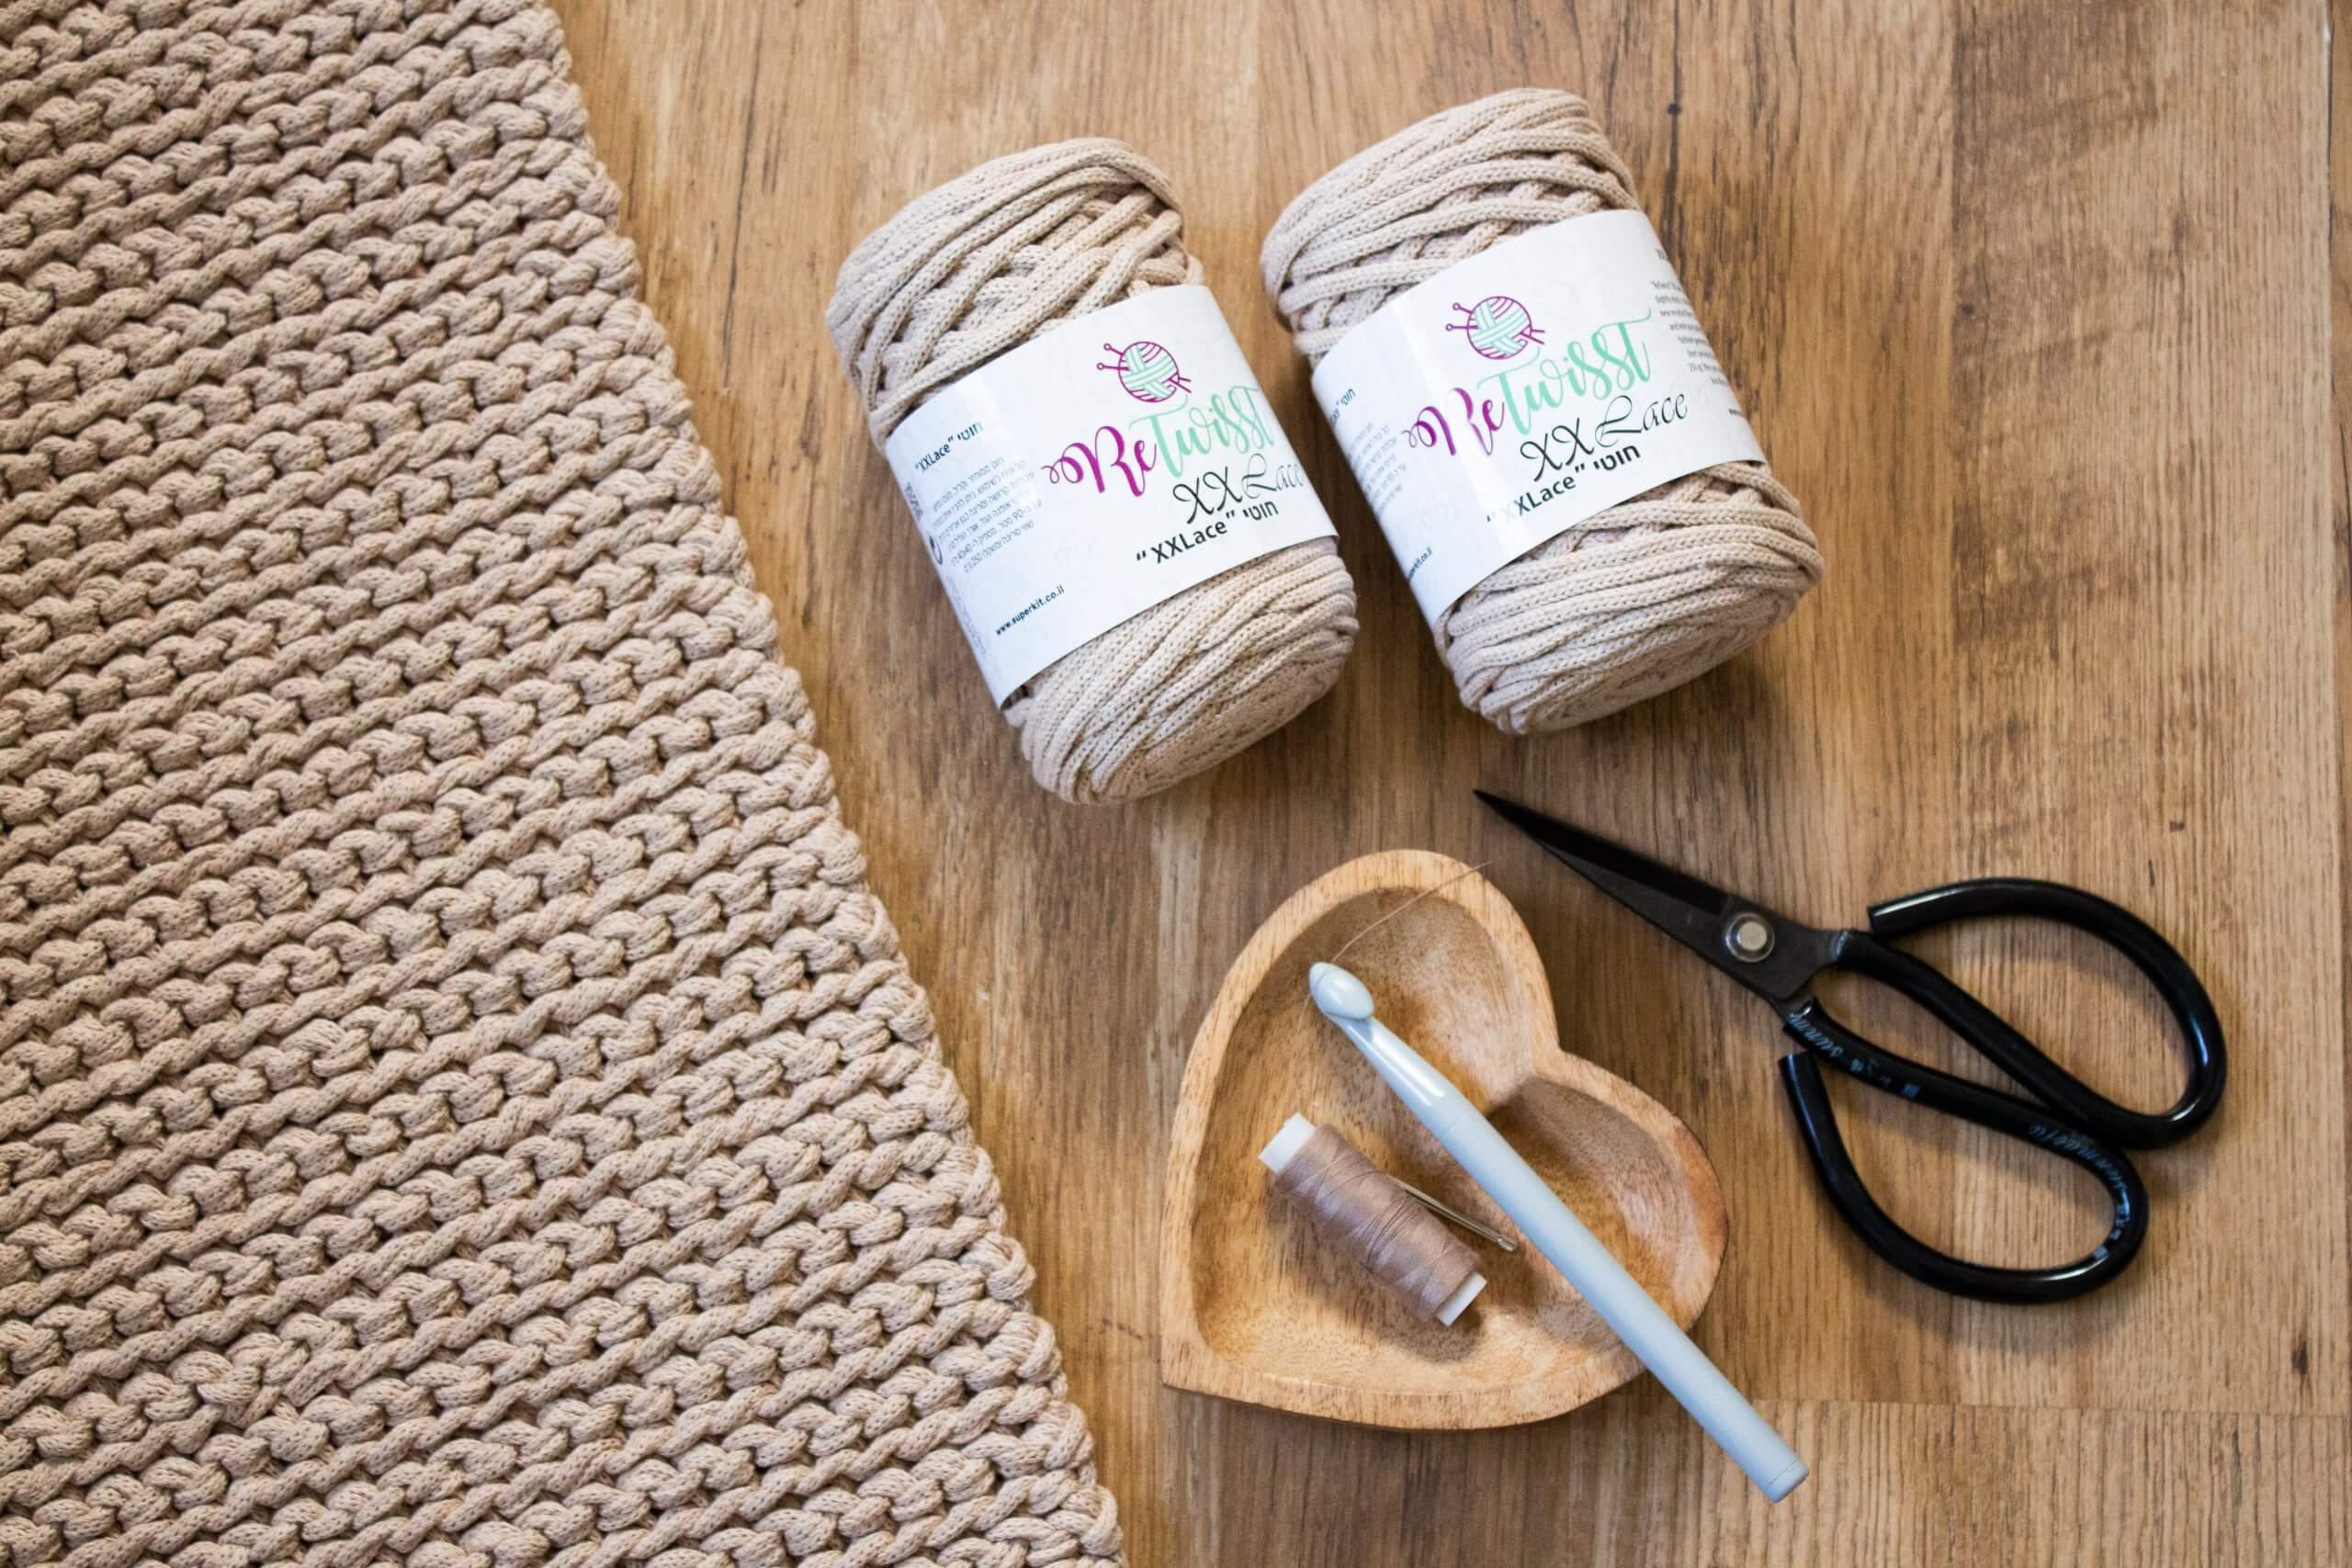 איך לסרוג שטיח